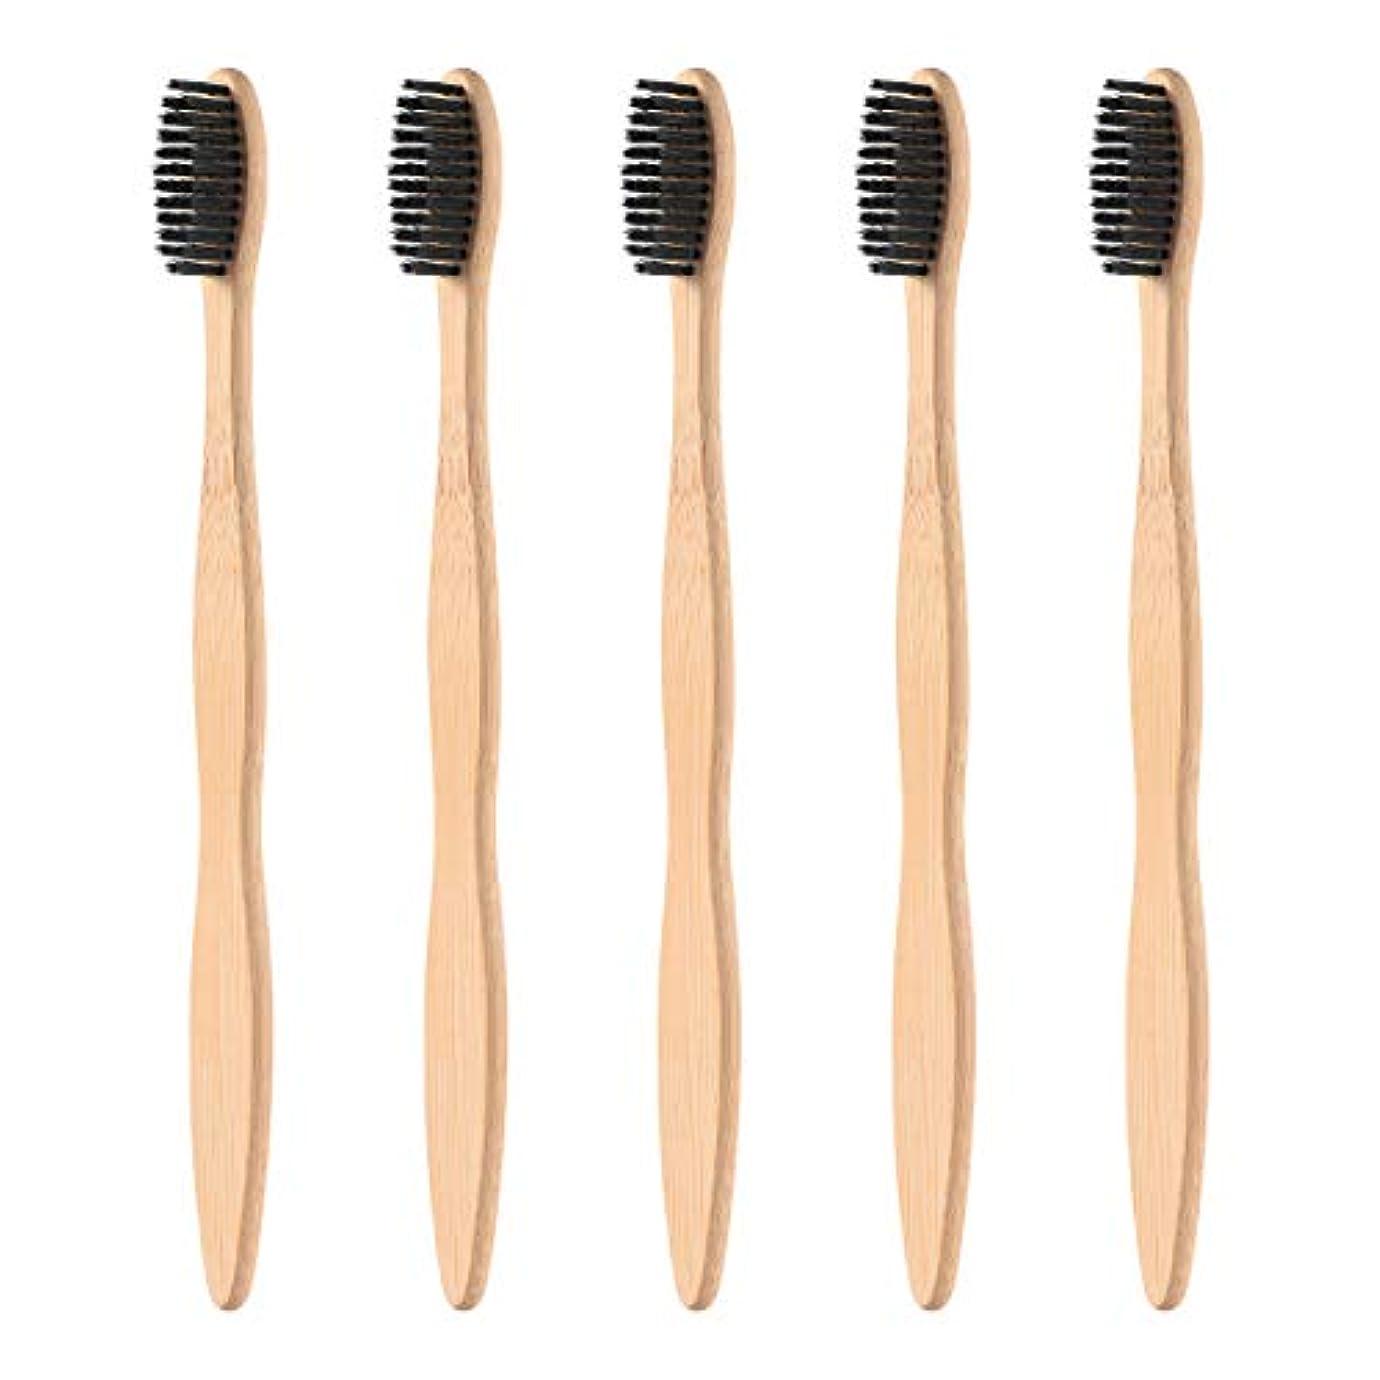 怒り対応する認めるHealifty タケ環境的に歯ブラシ5pcsは柔らかい黒い剛毛が付いている自然な木のEcoの友好的な歯ブラシを扱います